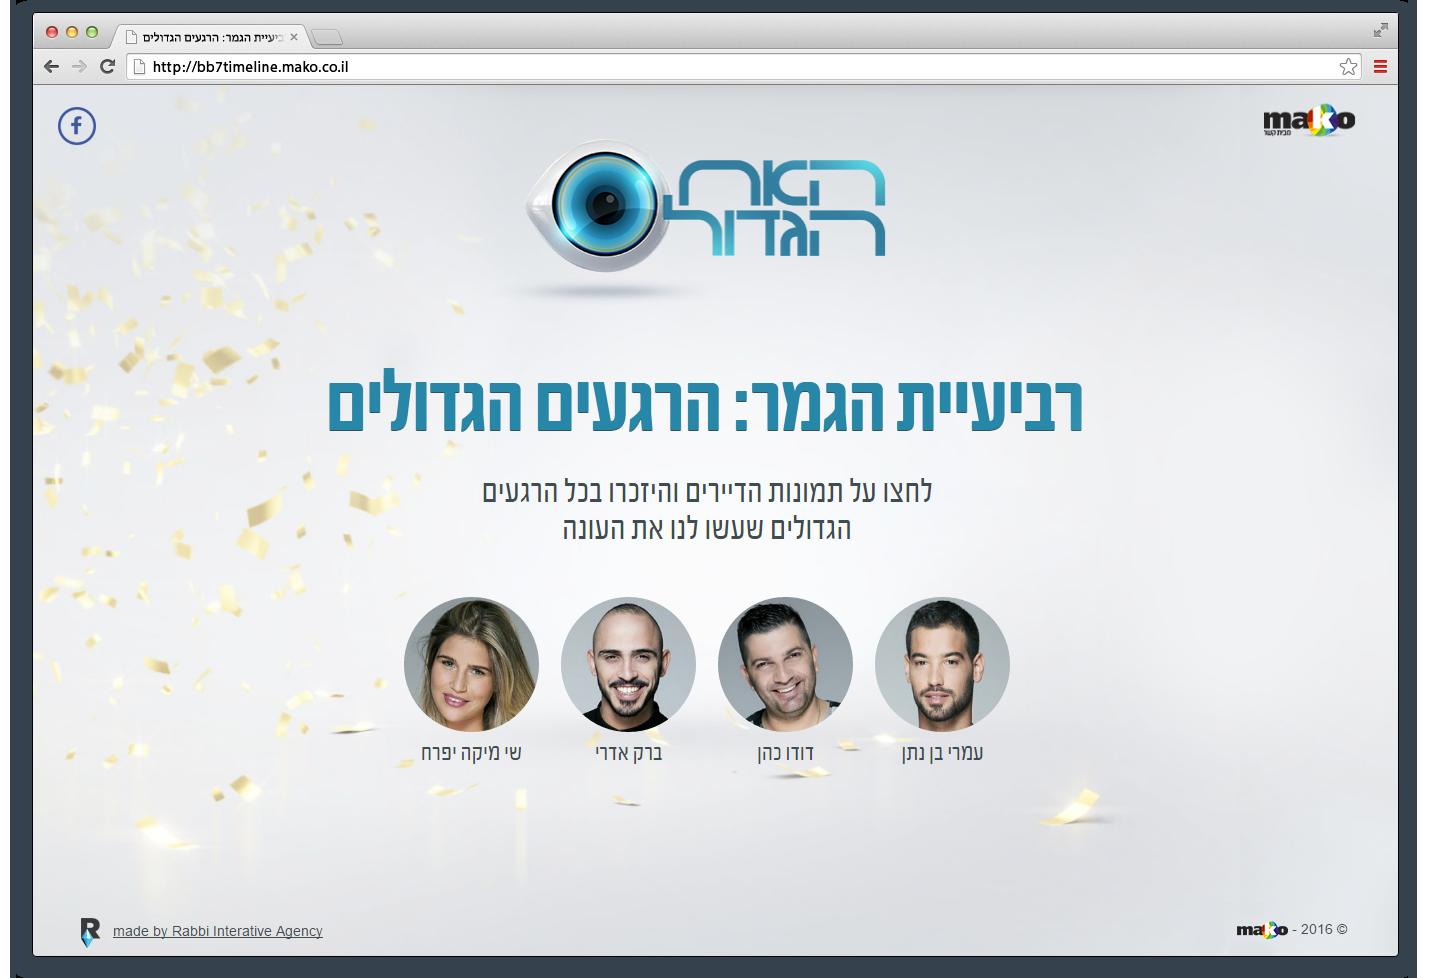 העמוד הראשי של מתחם הרגעים הגדולים - האח הגדול עונה 7